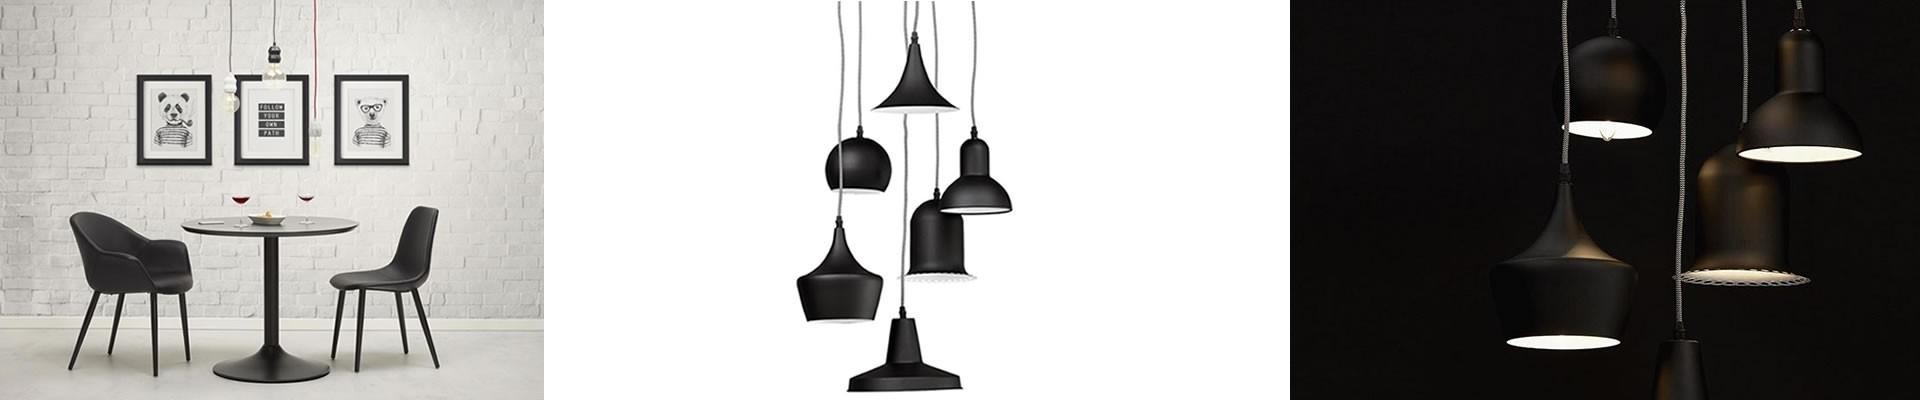 Ceiling Lights | Pendant Lighting